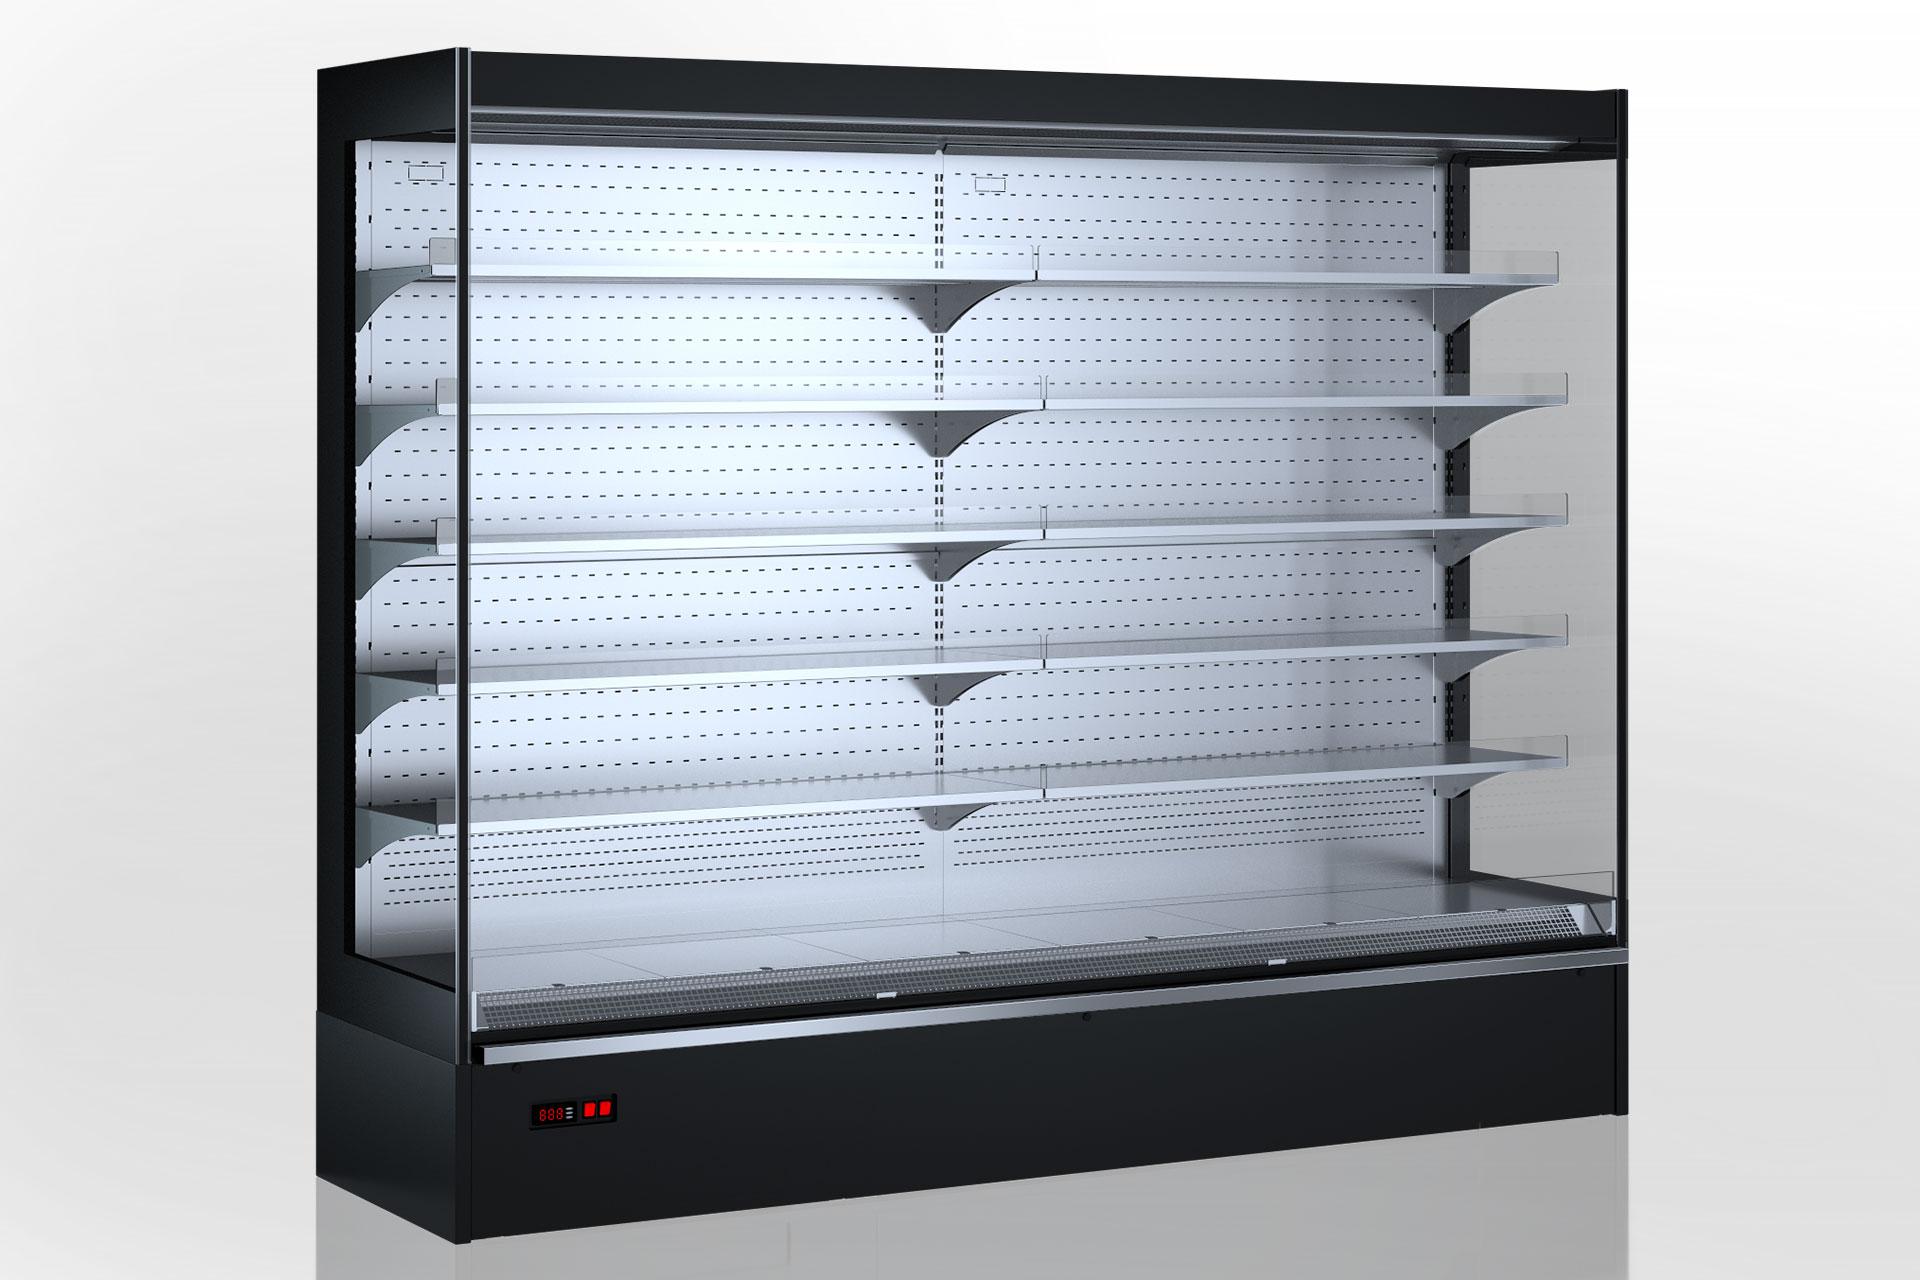 Regały chłodnicze Indiana medium AV 085 MT O 210-DLM/DLA